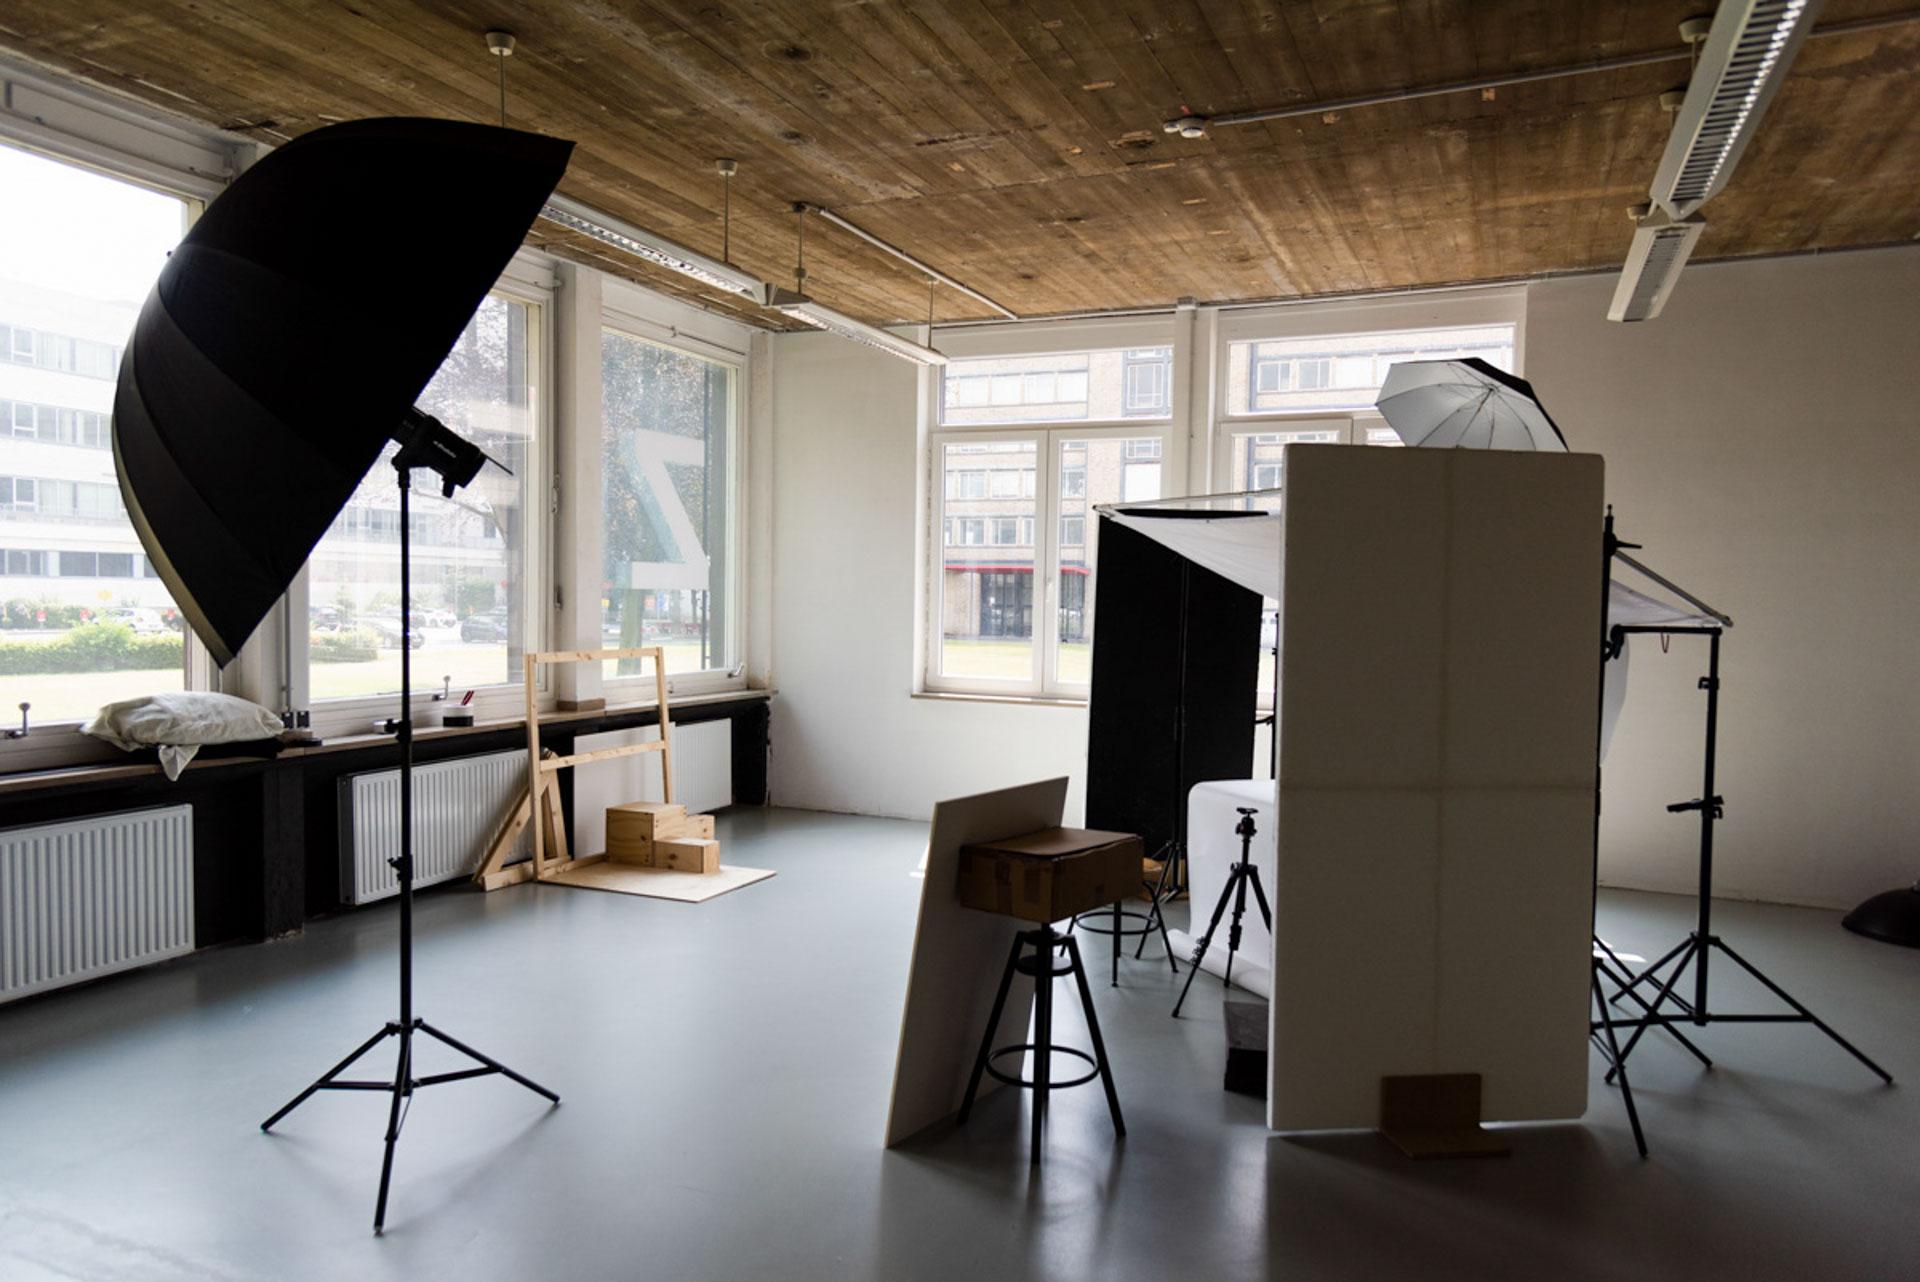 Ansicht des Fotostudios in Gebäude Z mit Blick auf die Fensterfront. Das Studio besitzt an zwei Seiten große Fenster, die viel Licht hereinlassen.